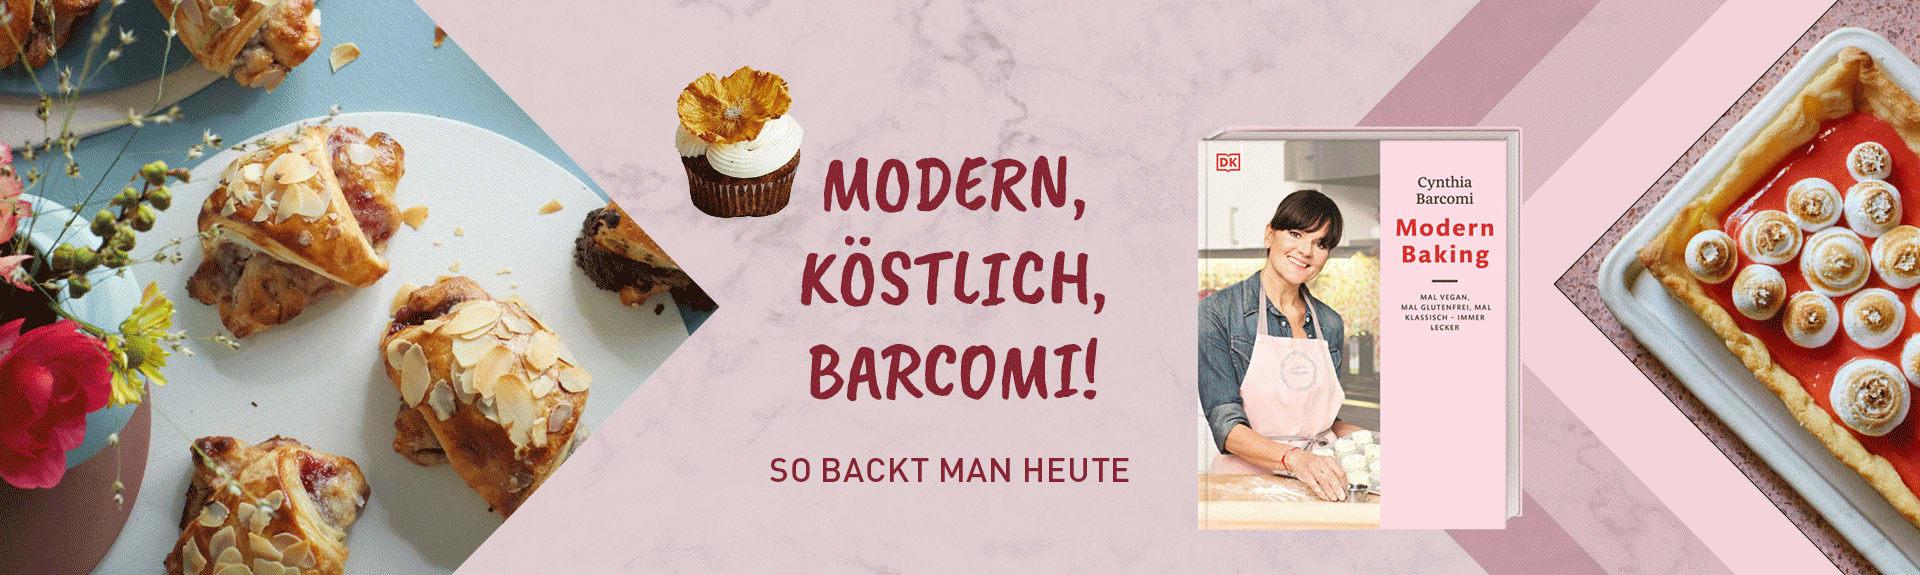 Modern Baking - Barcomi